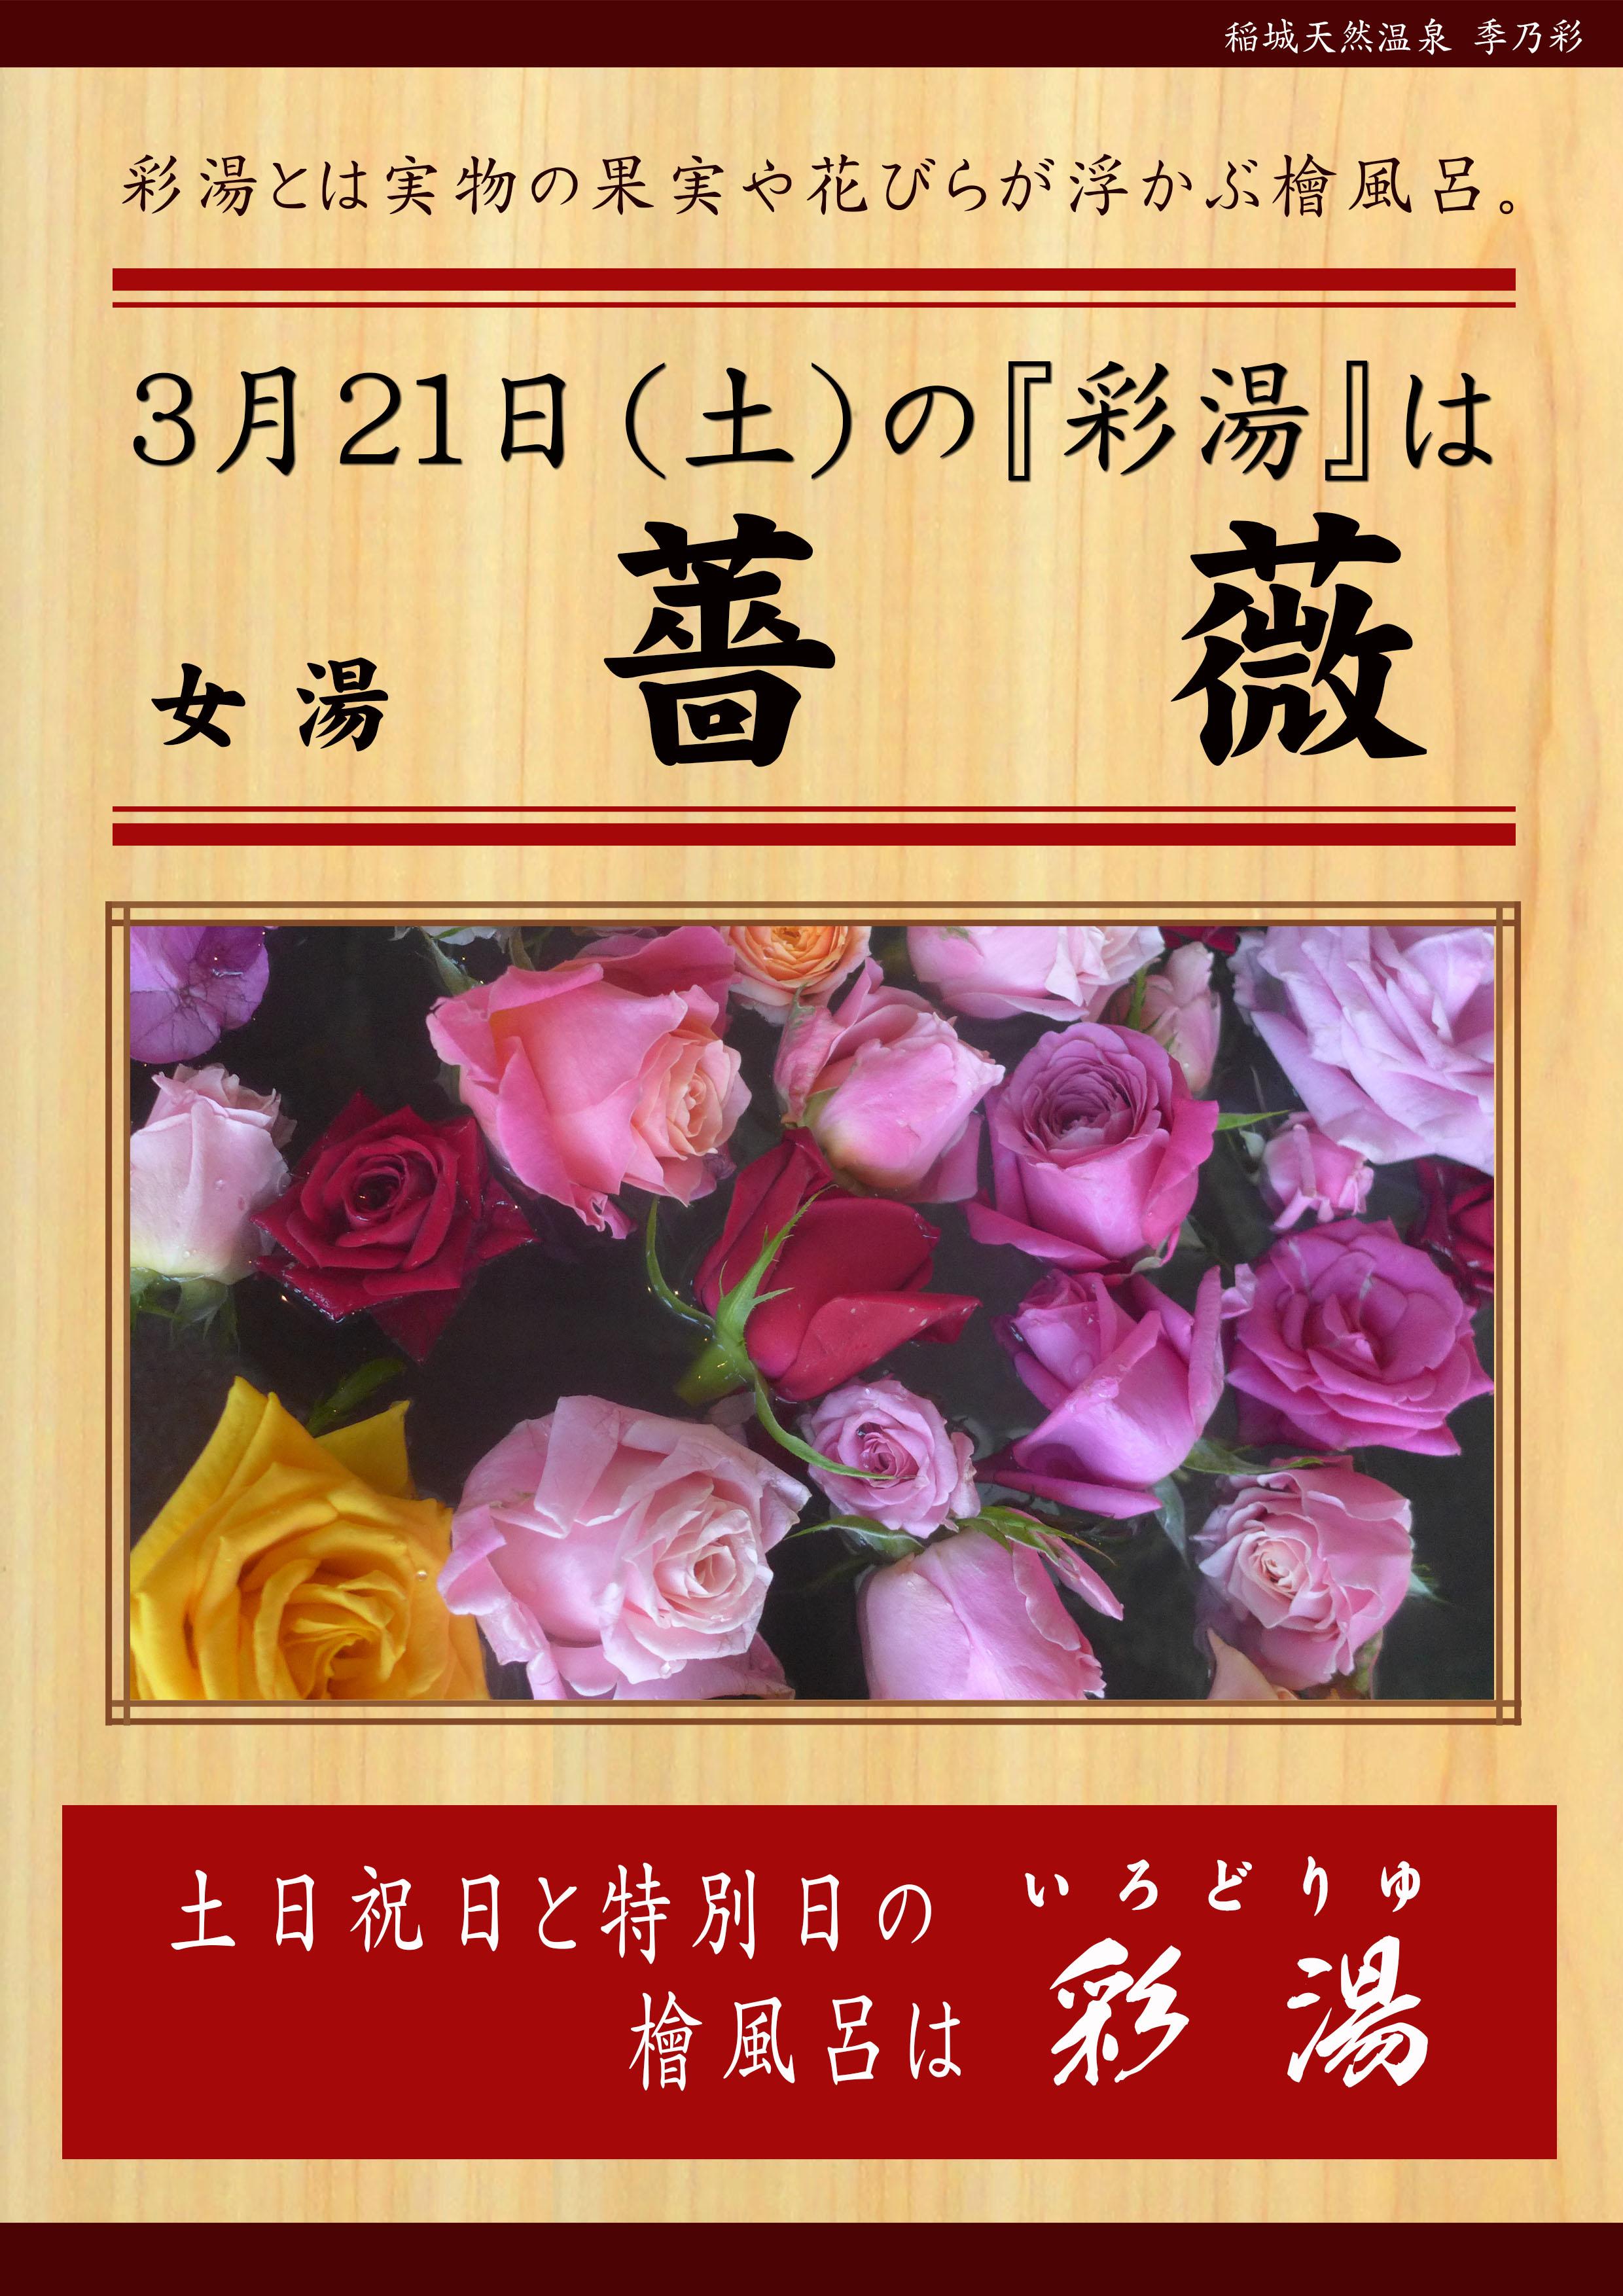 200321 POP イベント 彩湯 女湯 薔薇